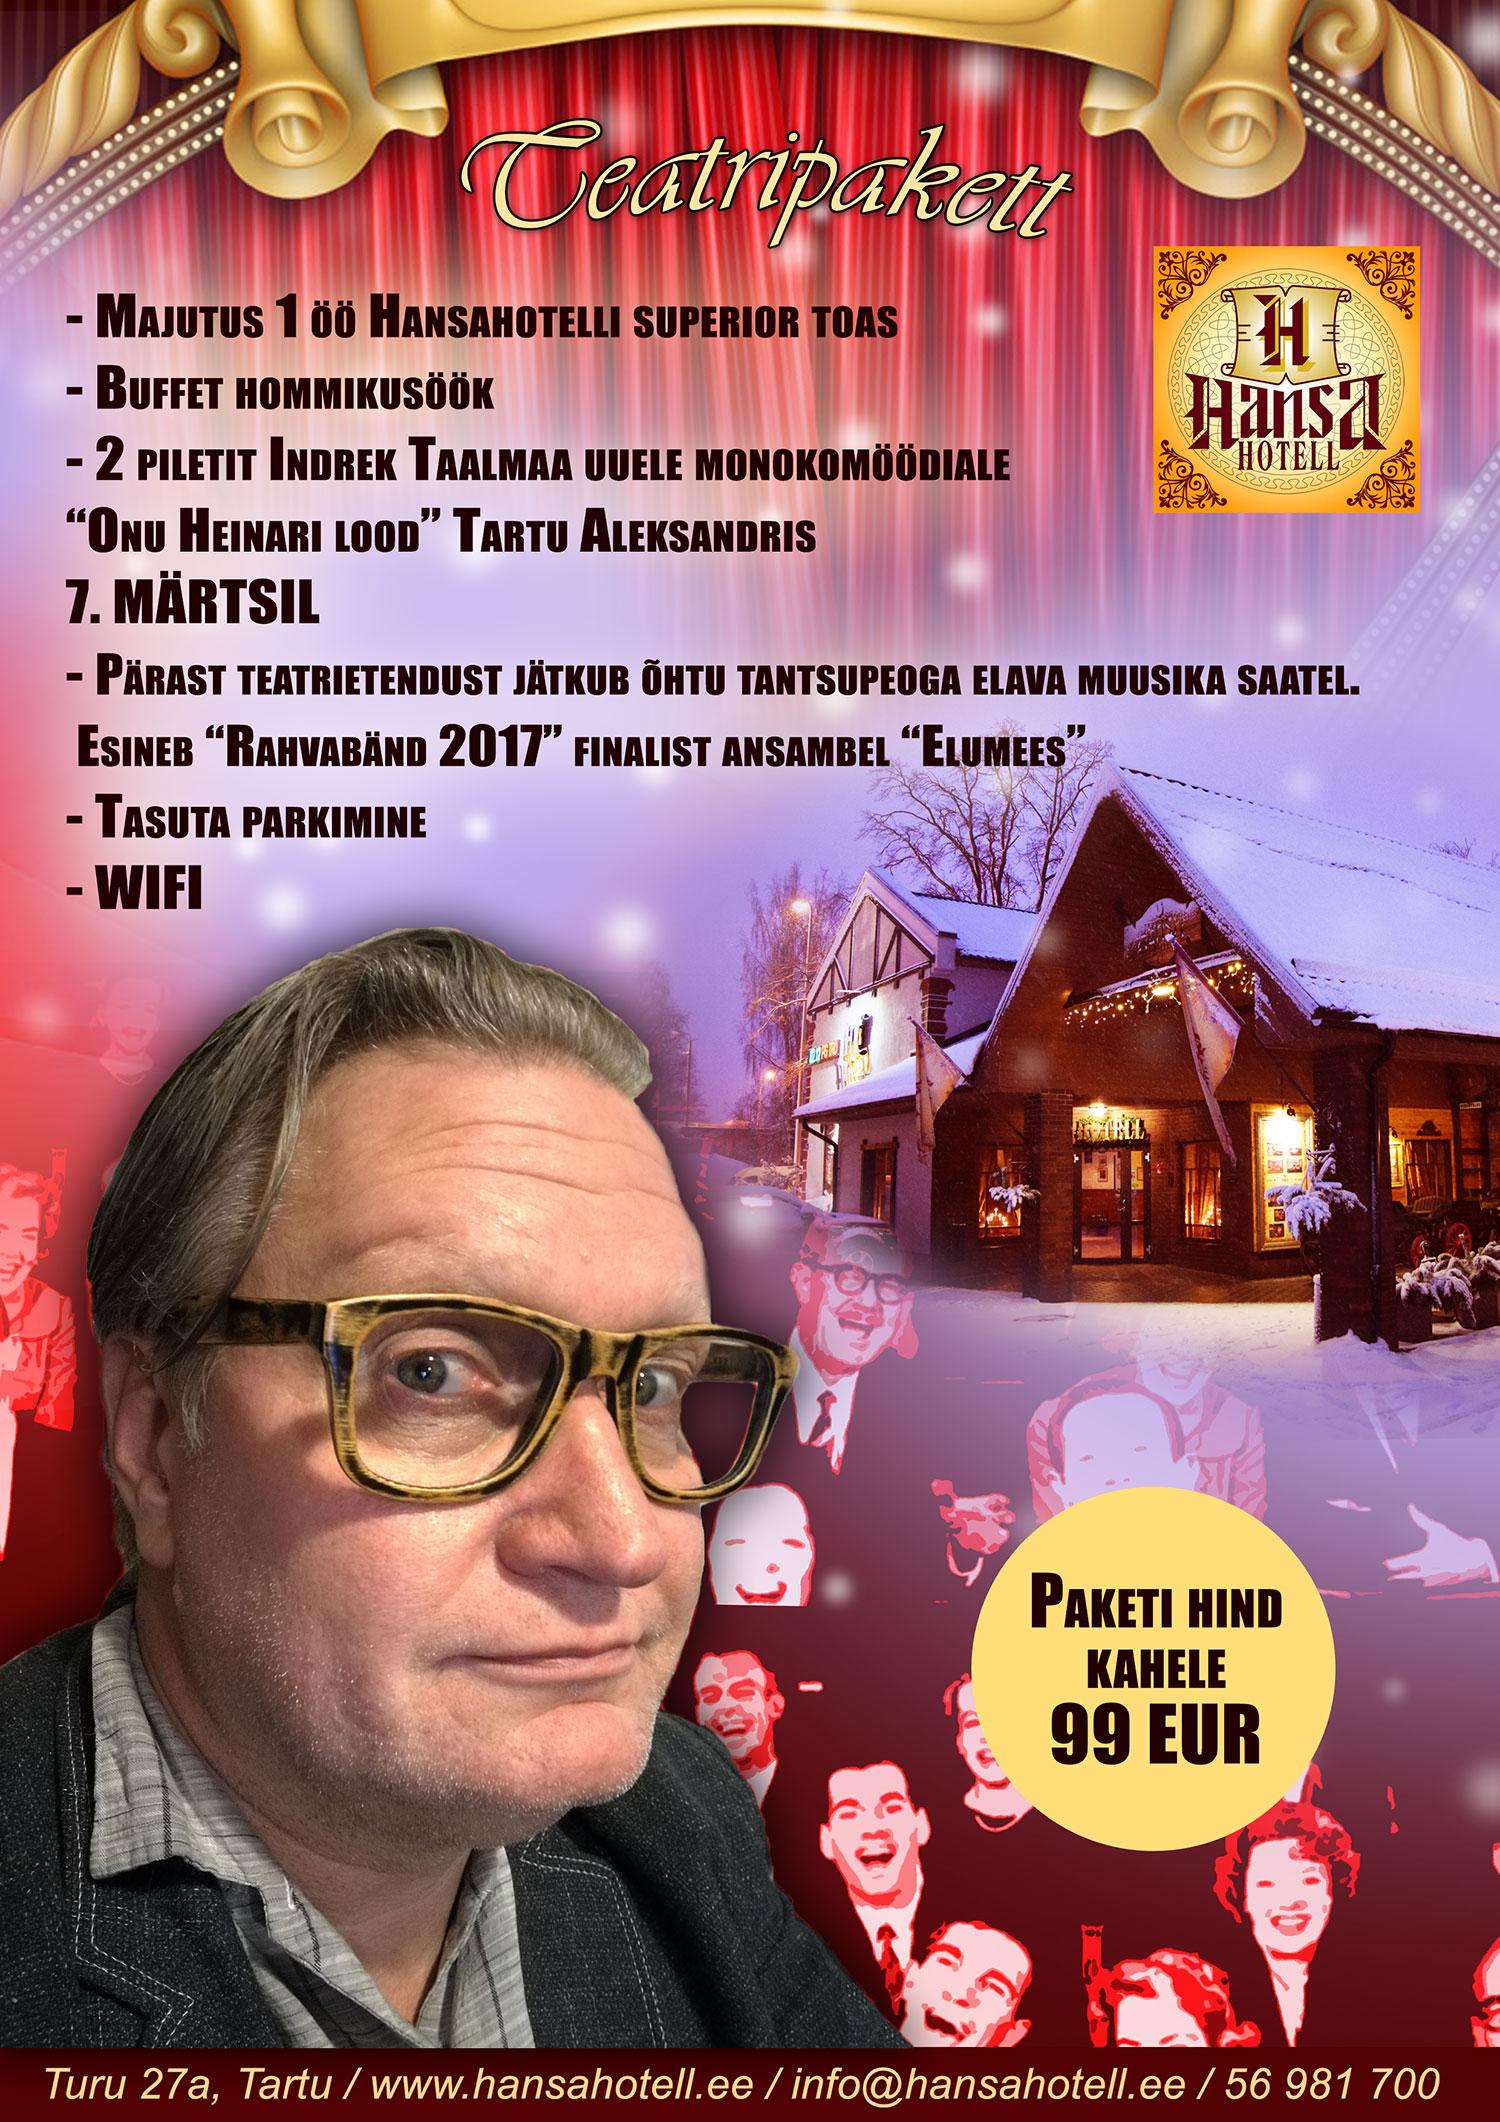 teatripakett_onuheinar